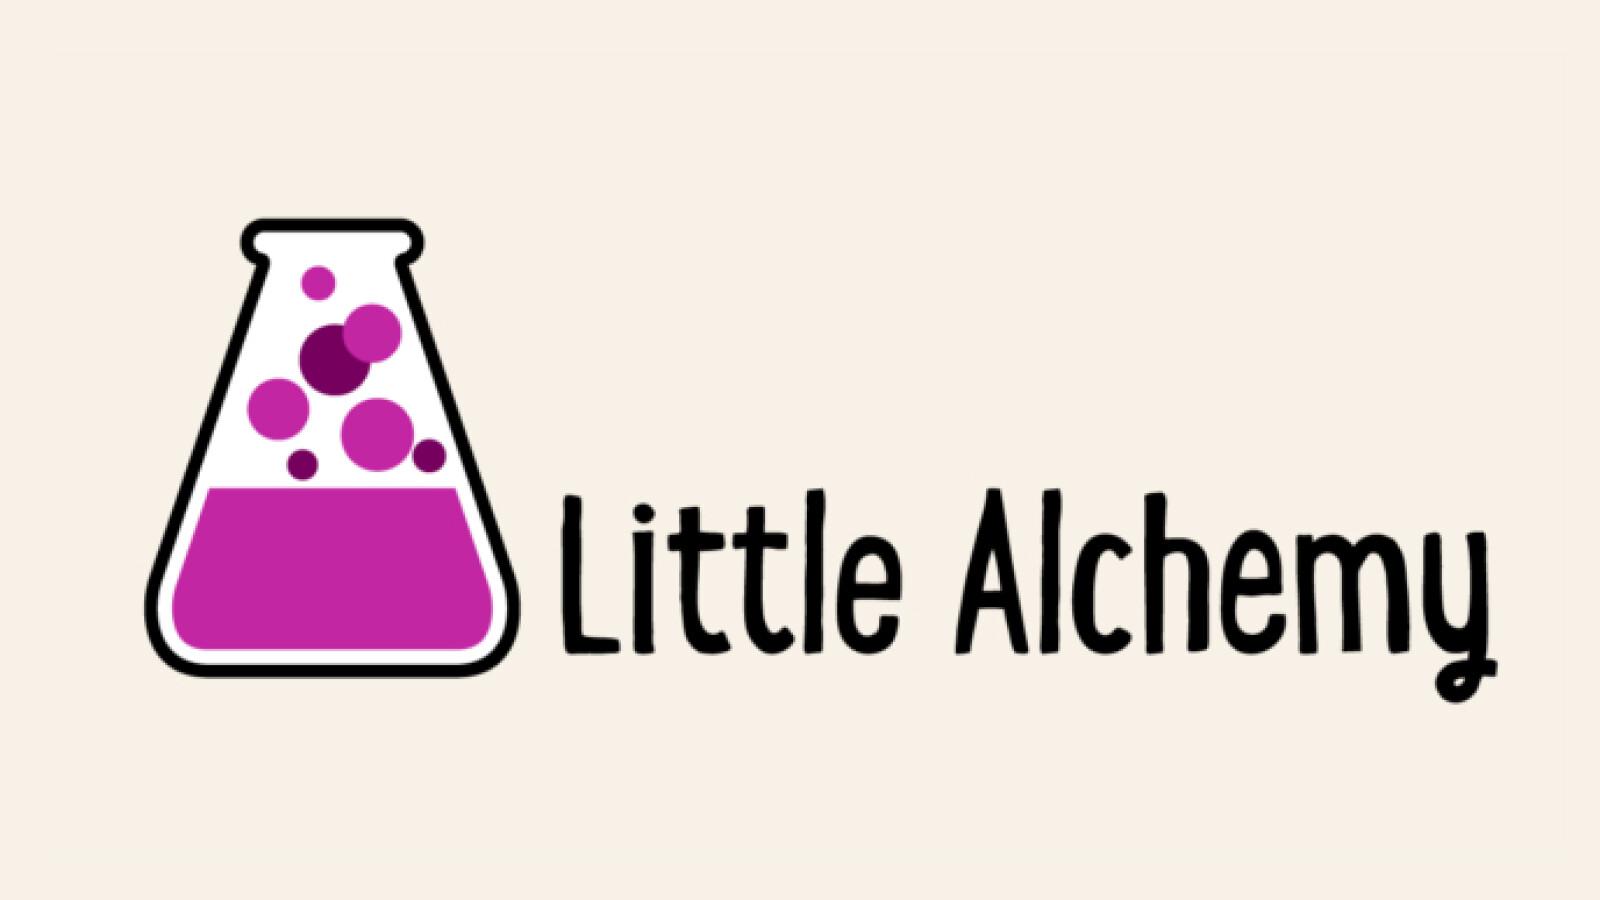 Netzwelt Alchemy